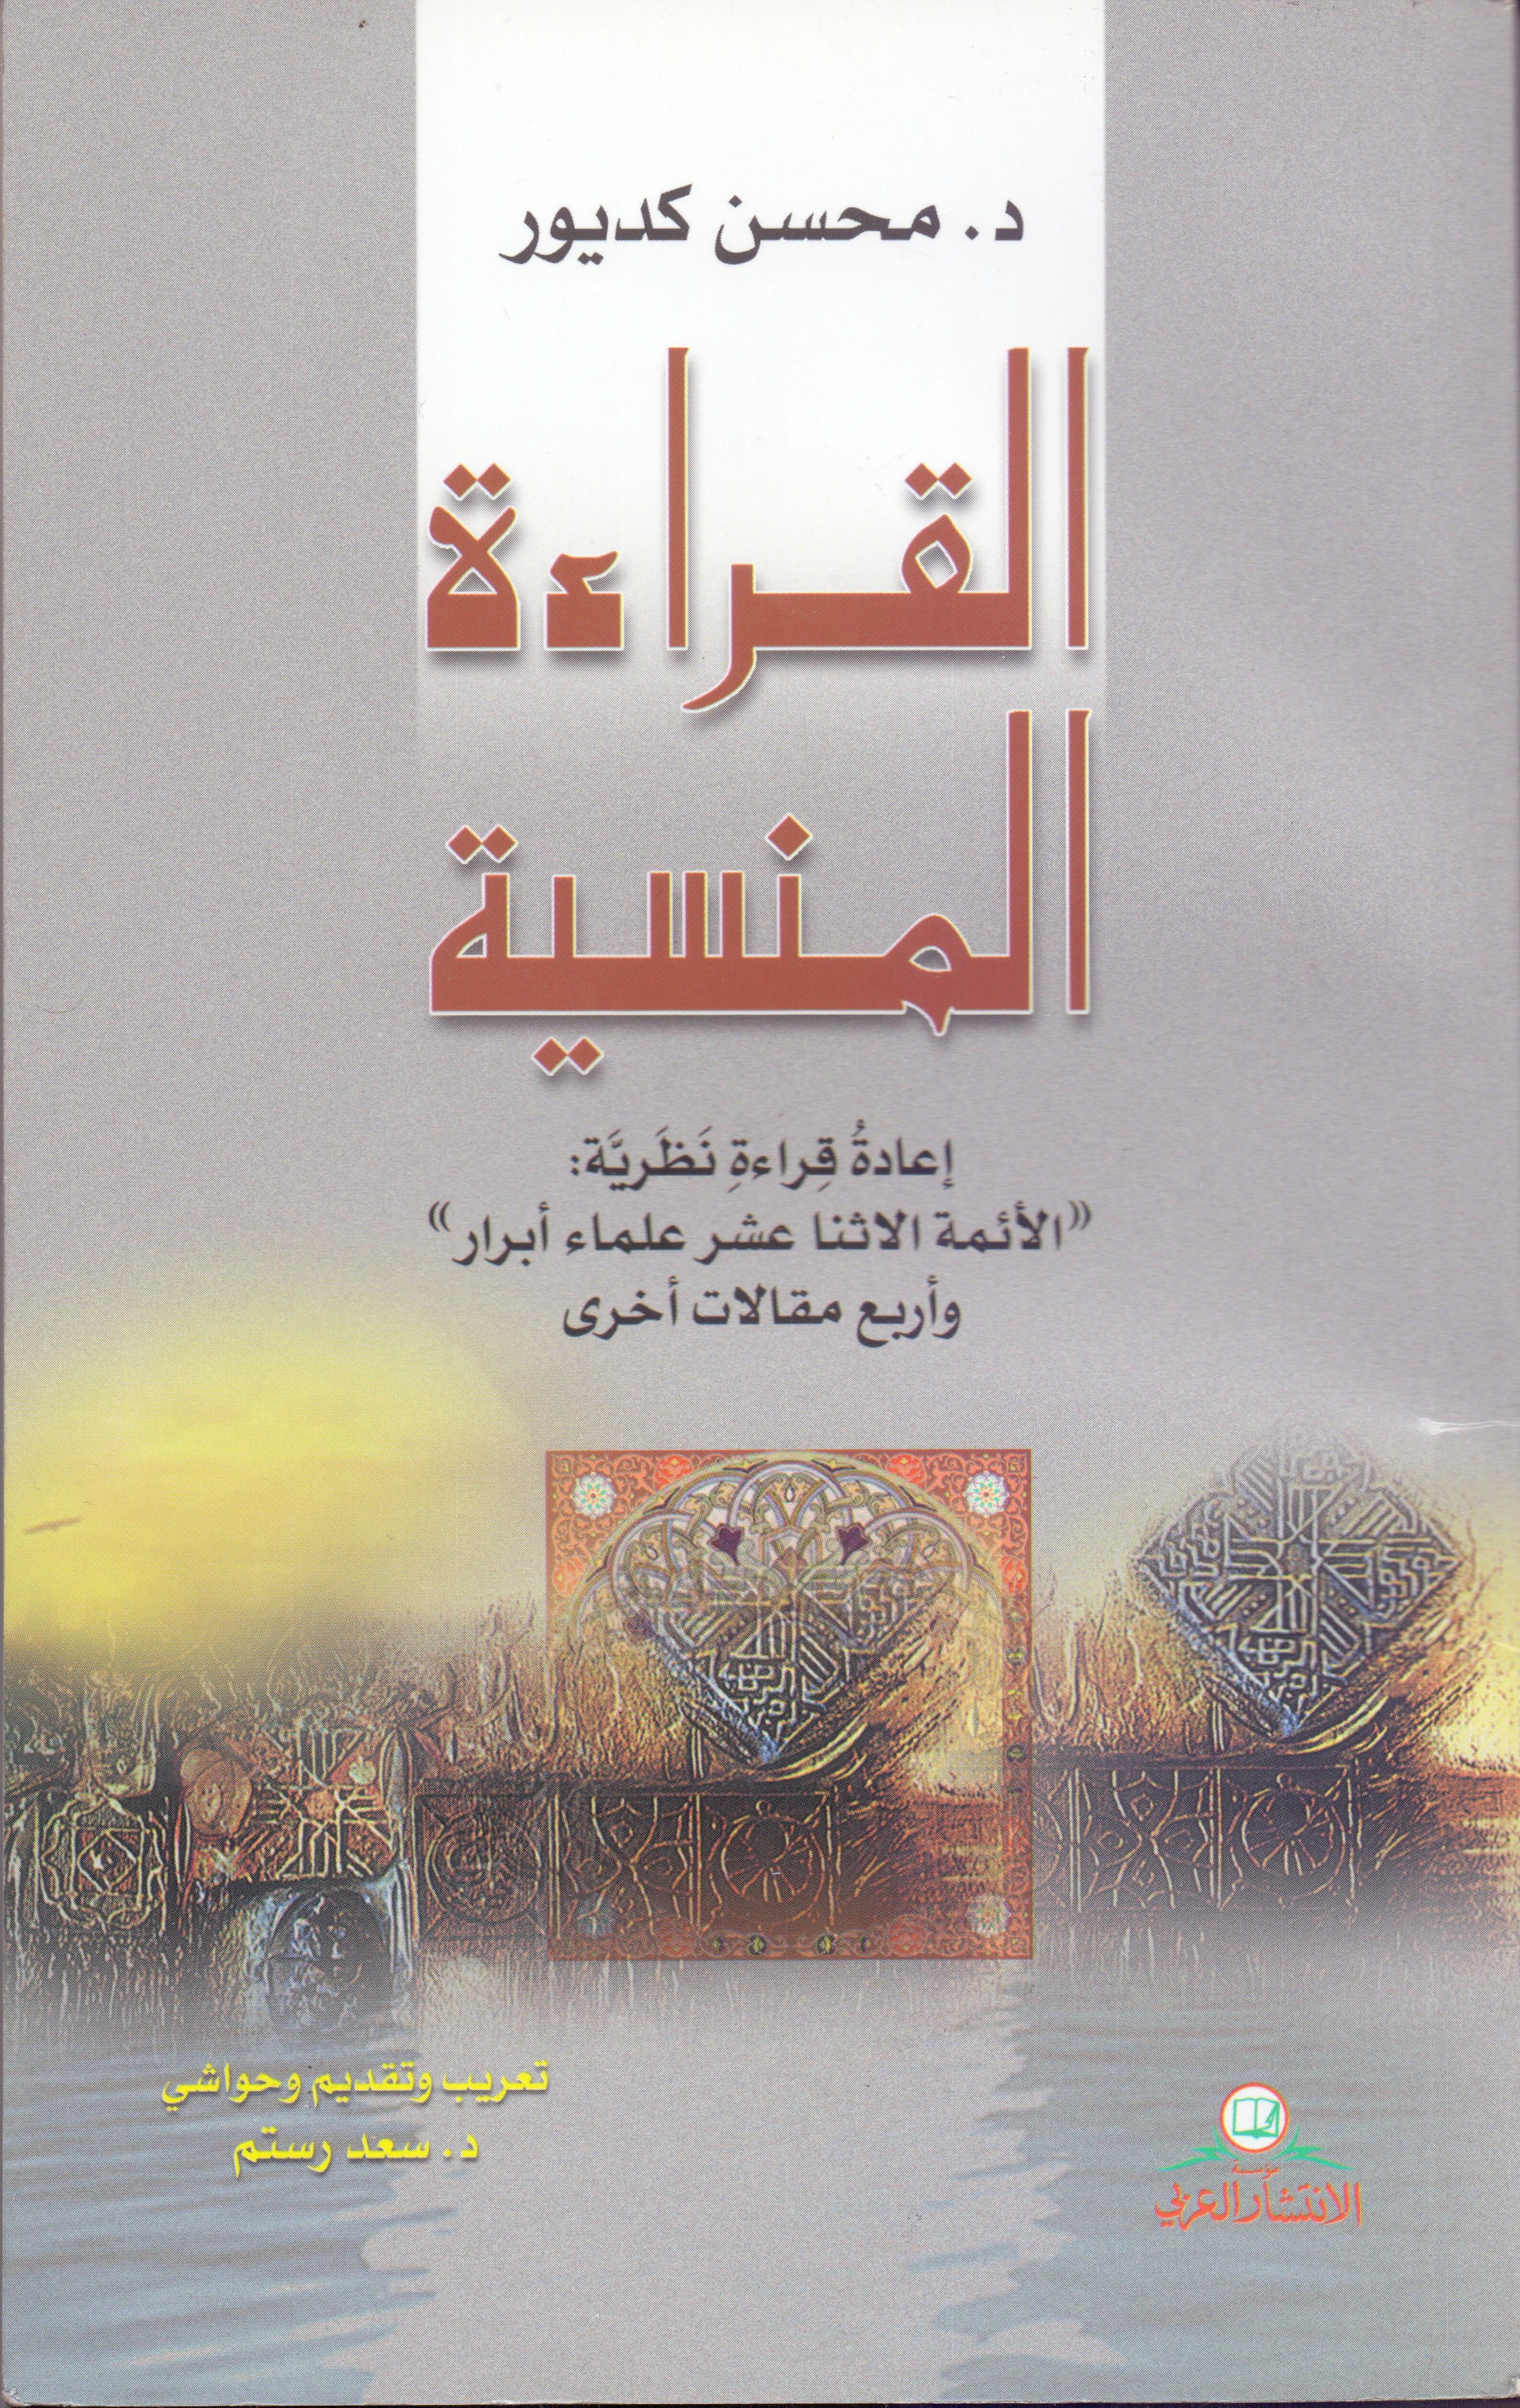 کتاب علمای ابرار کدیور به عربی